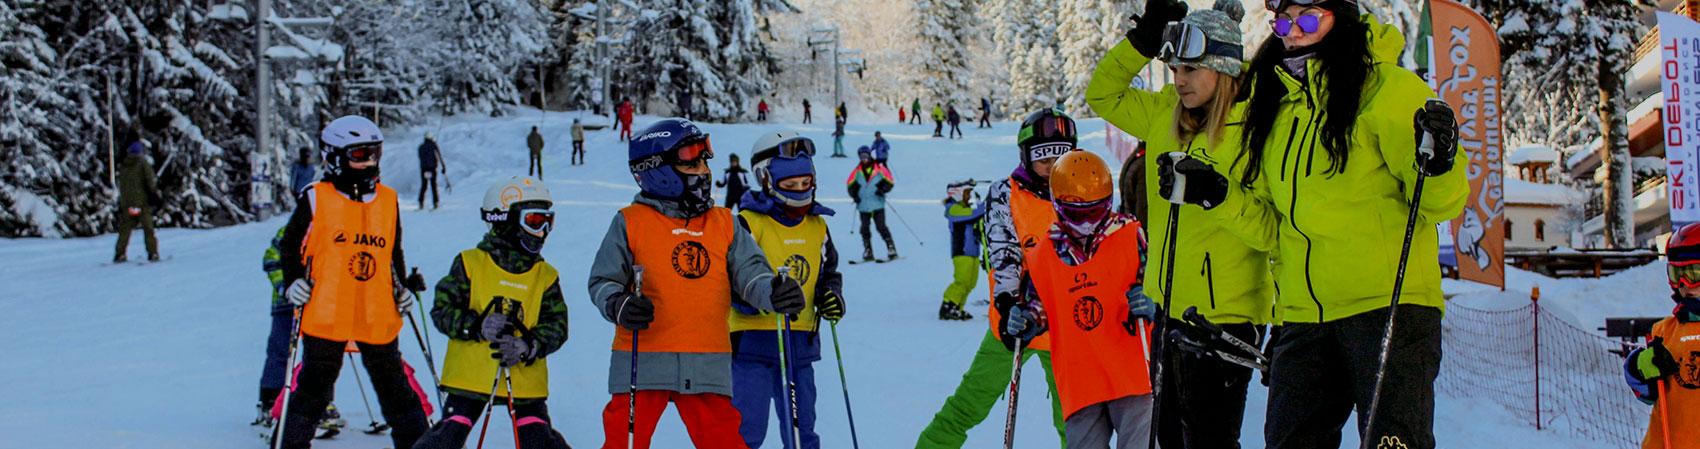 Full ski packs